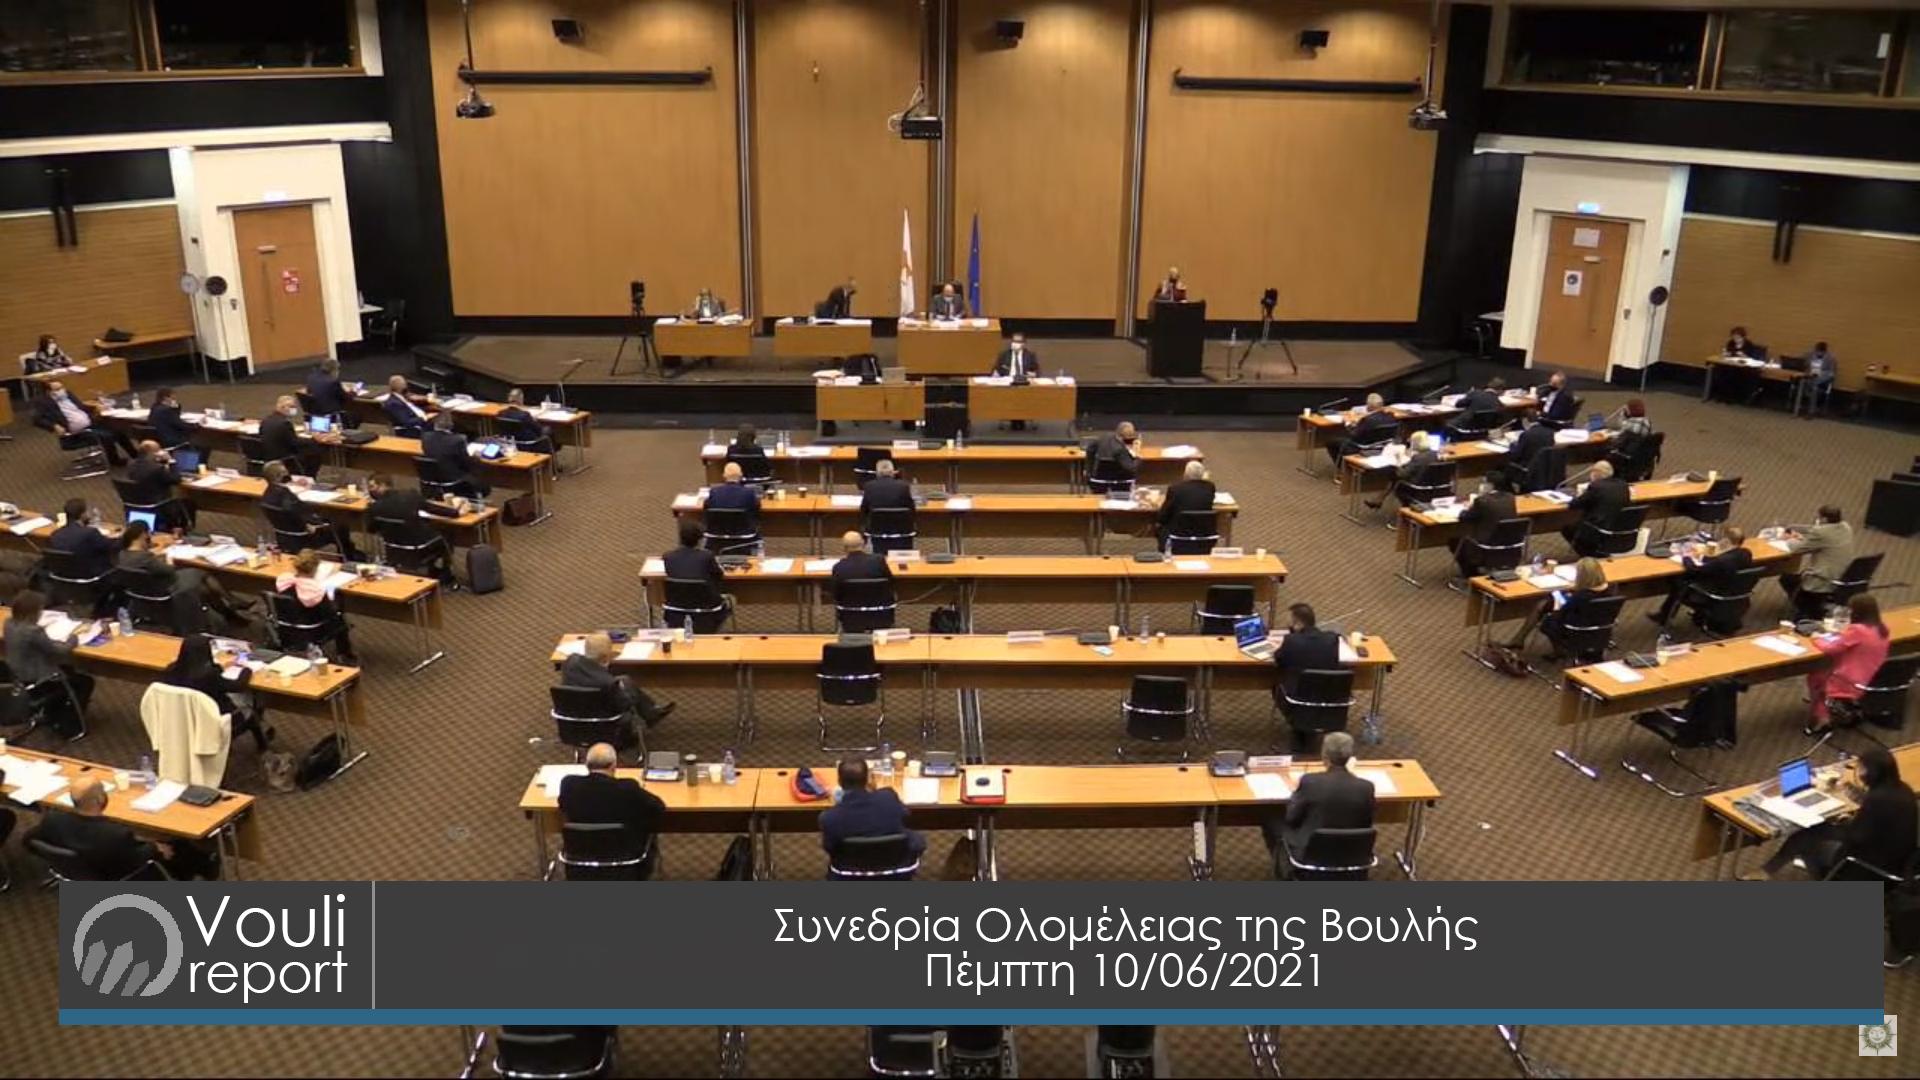 Συνεδρία Ολομέλειας της Βουλής | 10/06/2021